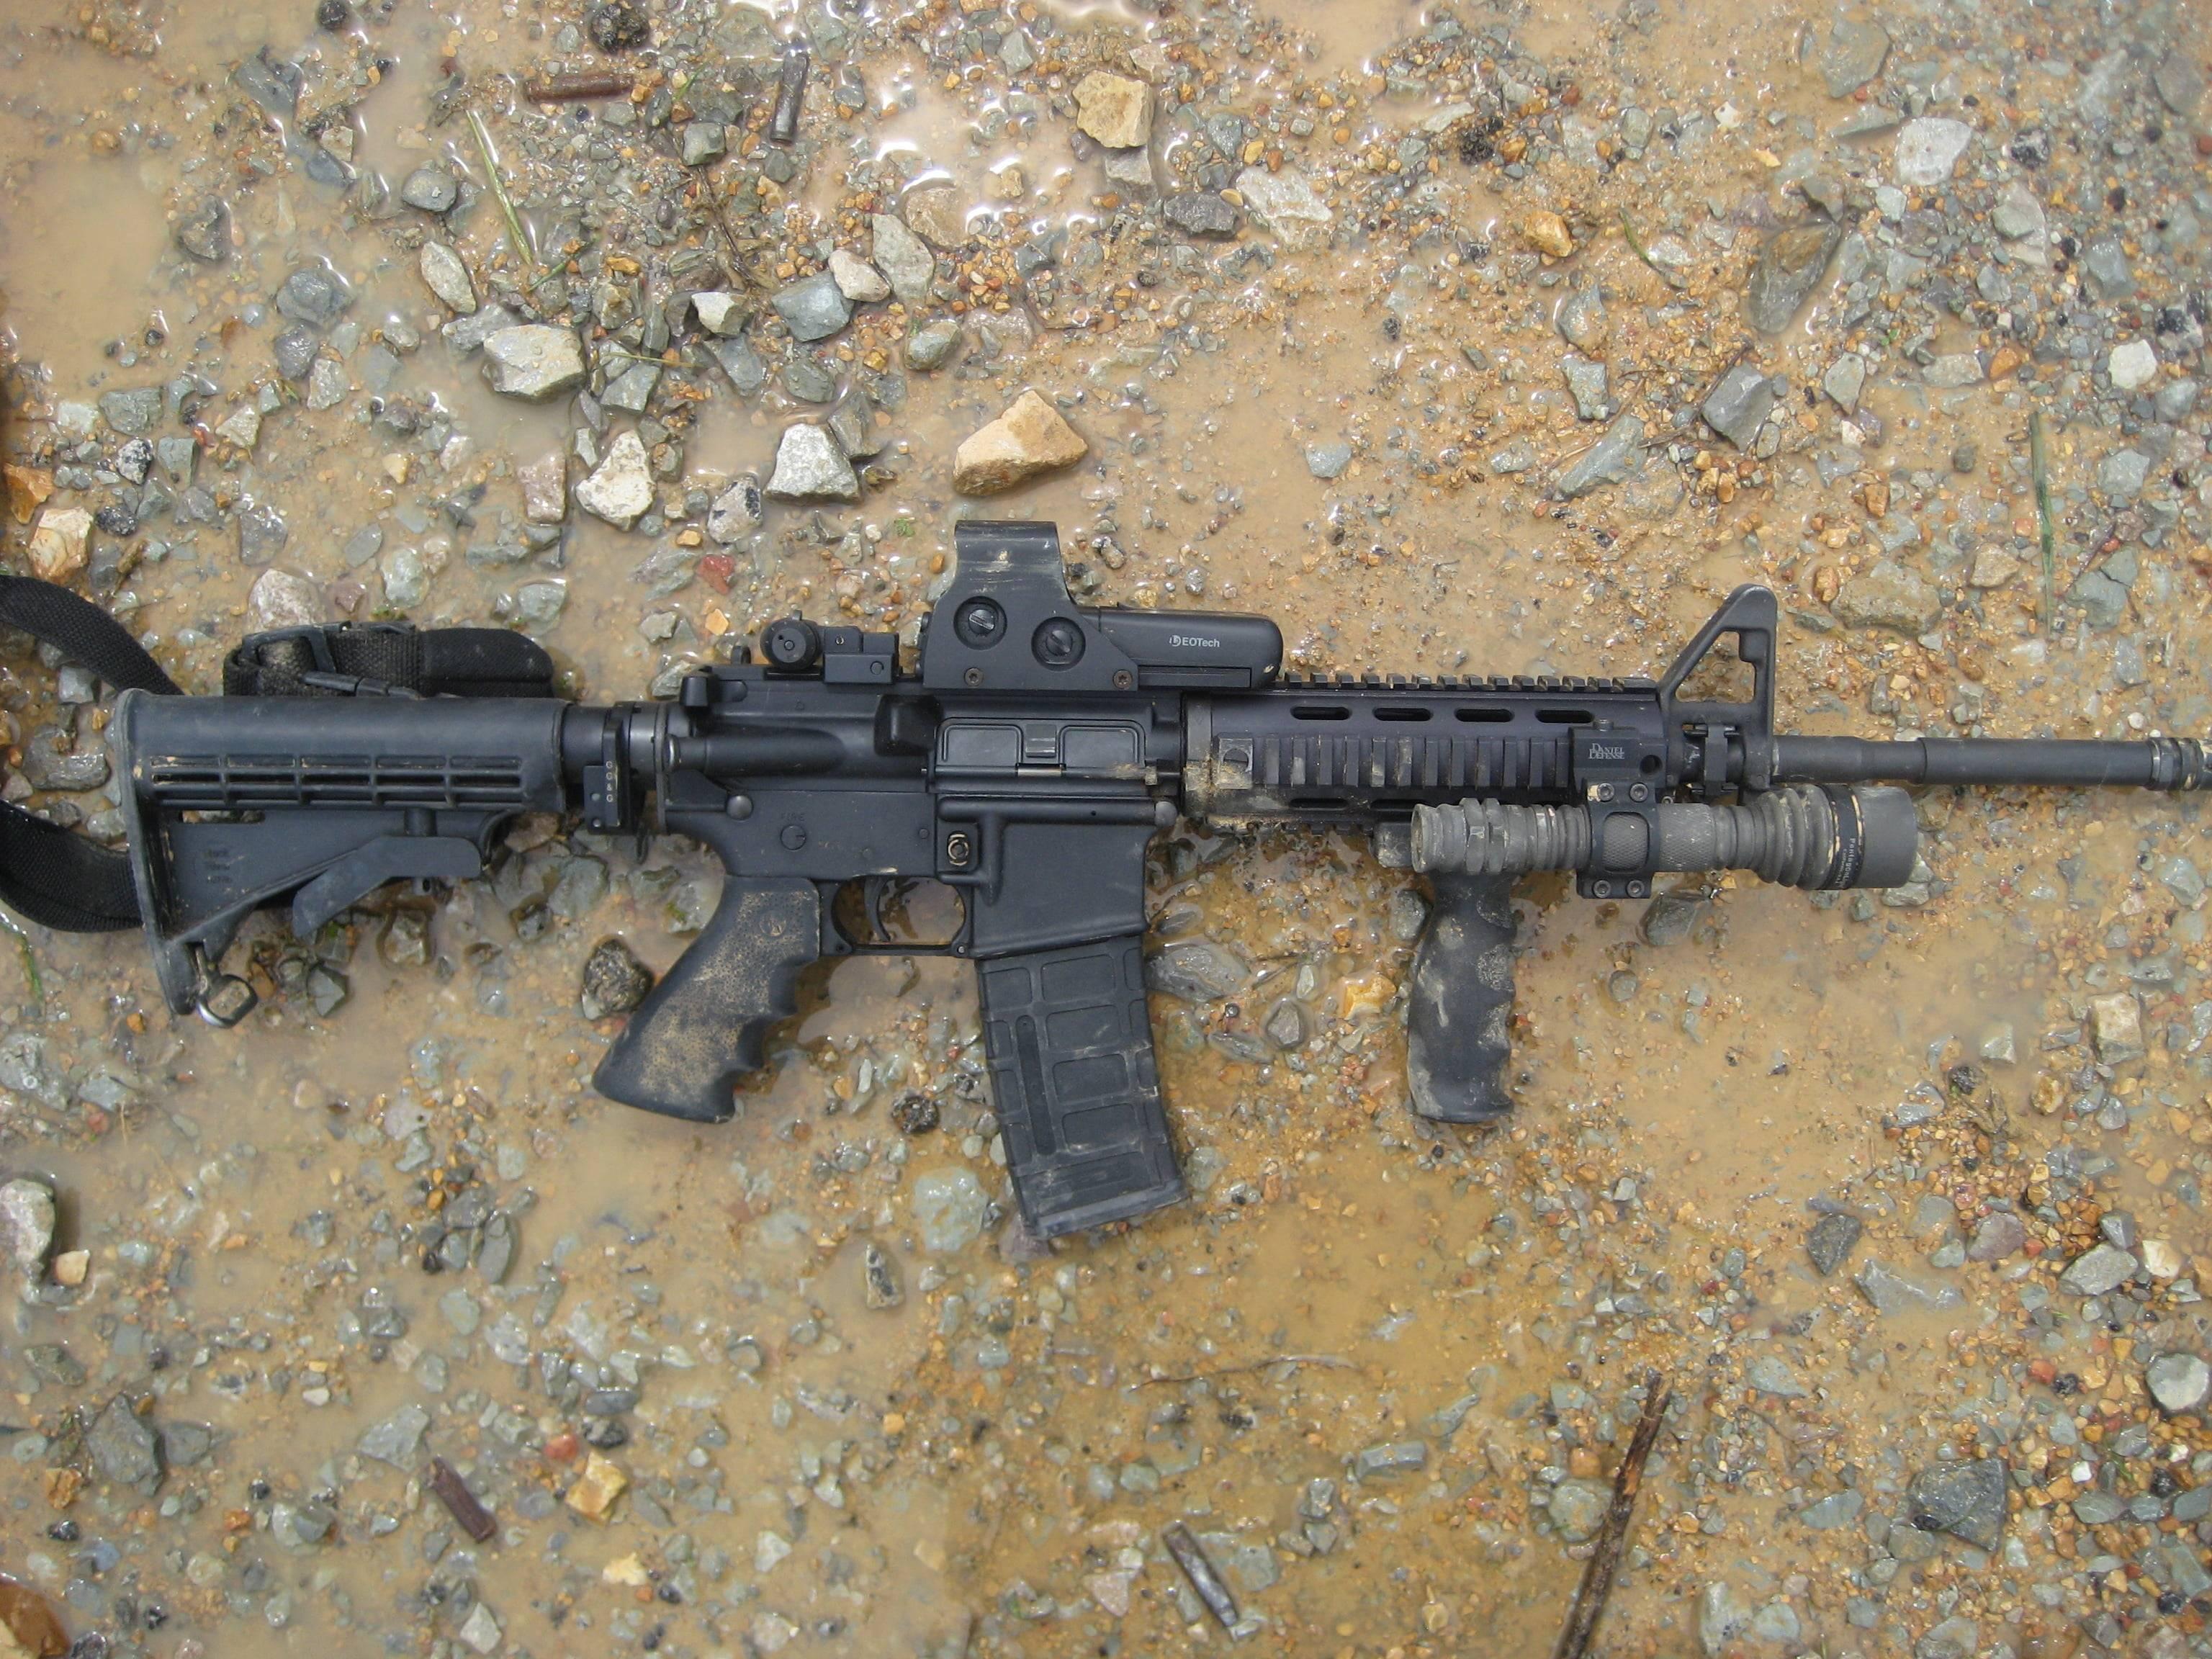 Тип 81 - type 81 assault rifle